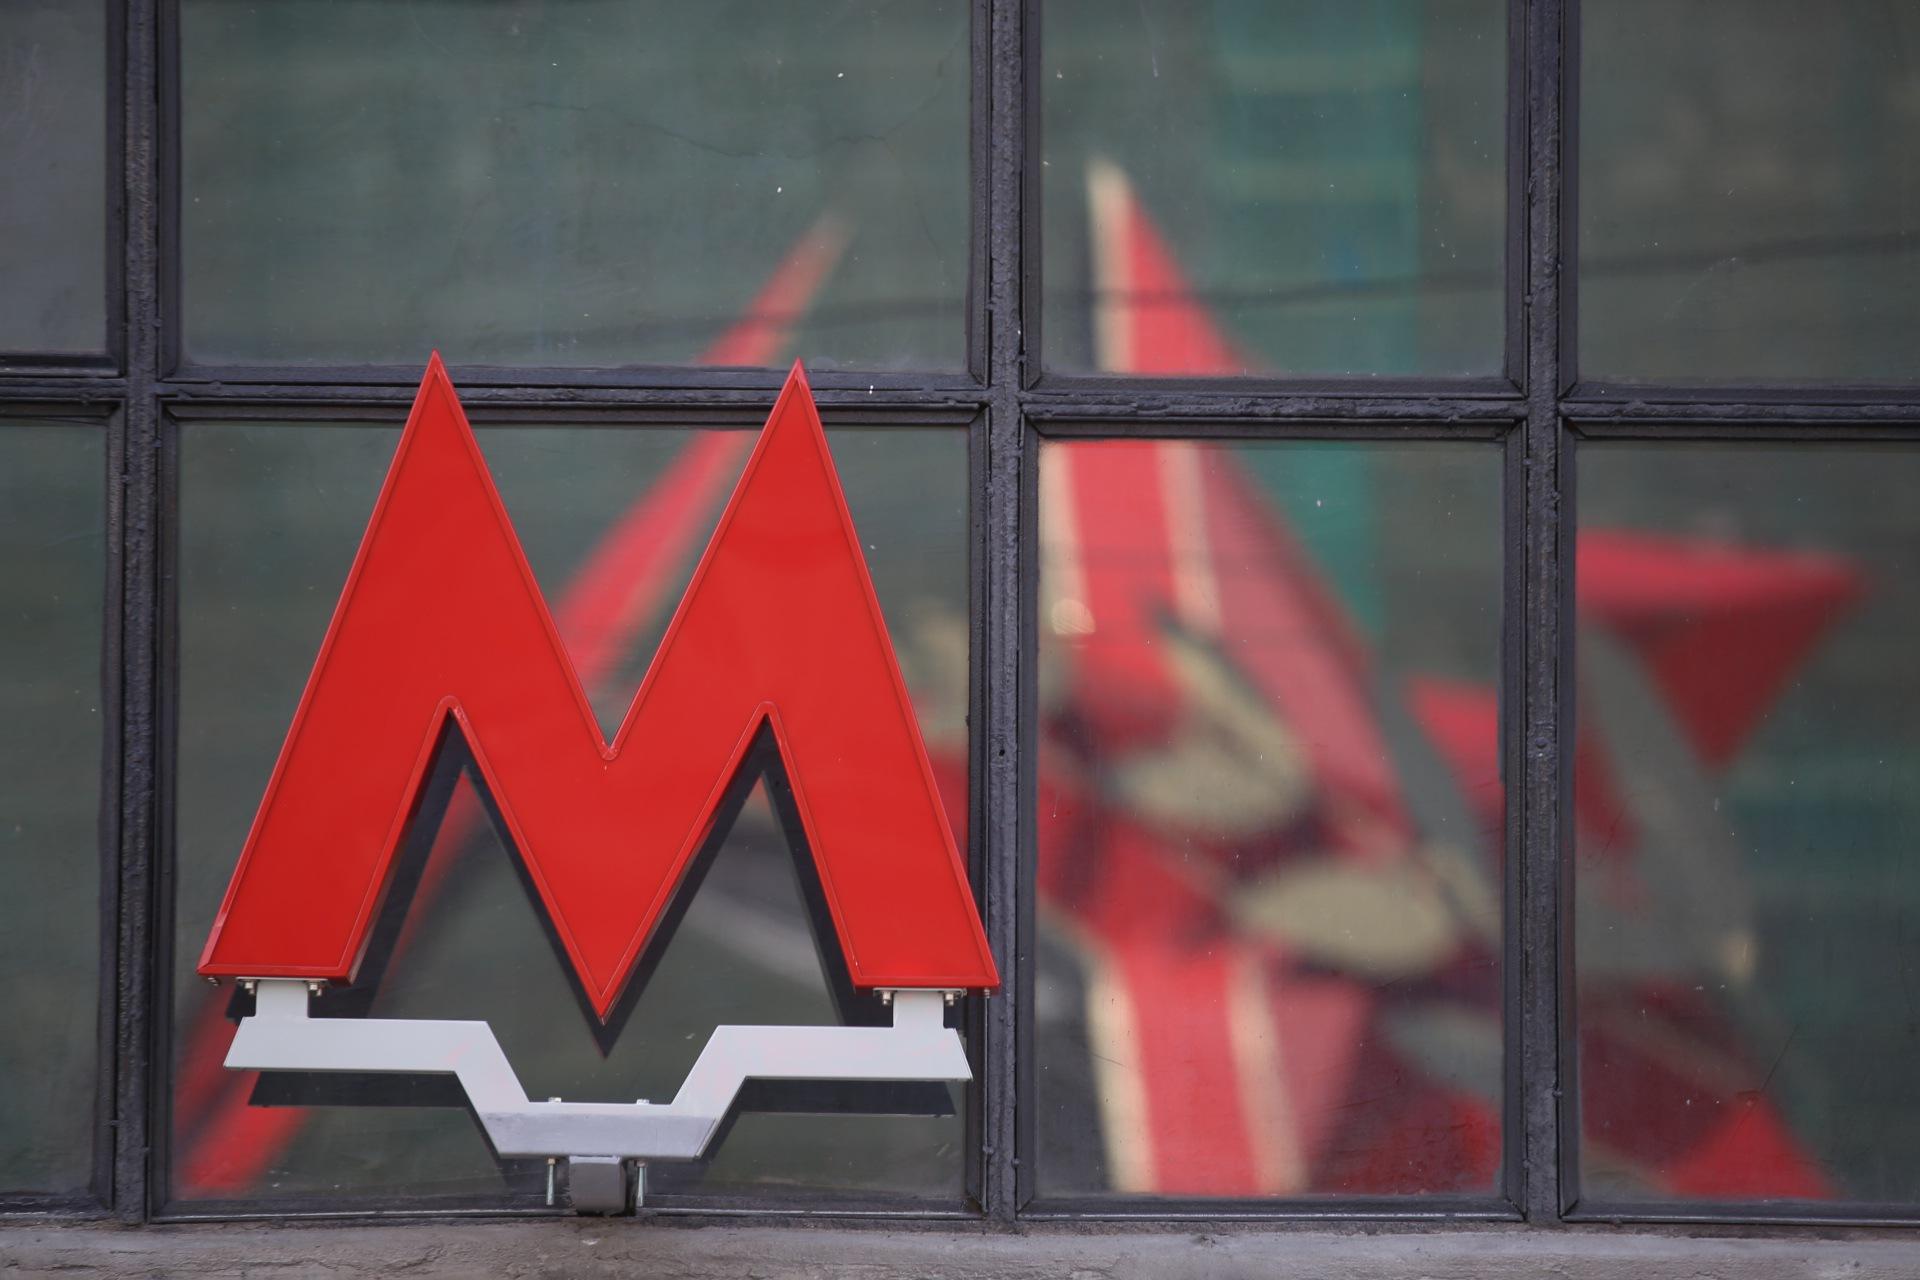 Схема движения двух линий изменилась в московском метро